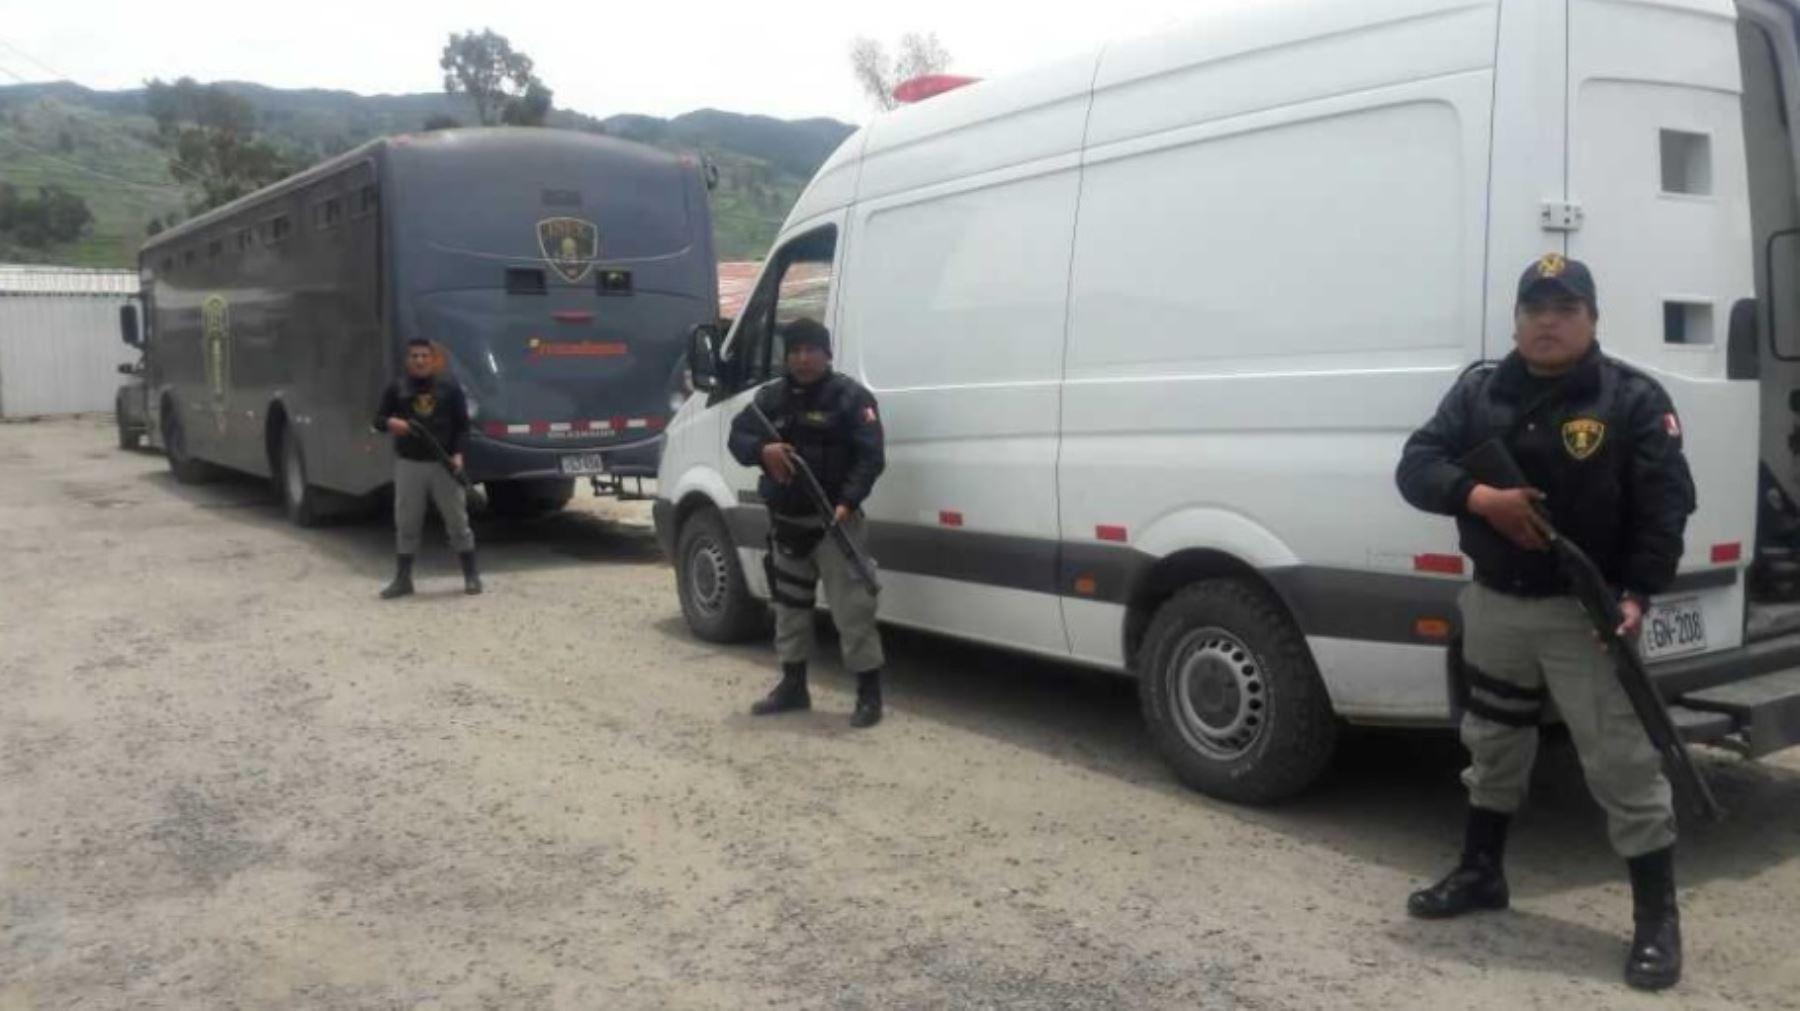 El Instituto Nacional Penitenciario (Inpe) trasladó, bajo estrictas medidas de seguridad, a 14 internos del penal de Cusco y otro de Abancay hacia establecimientos penitenciarios de mayor seguridad.